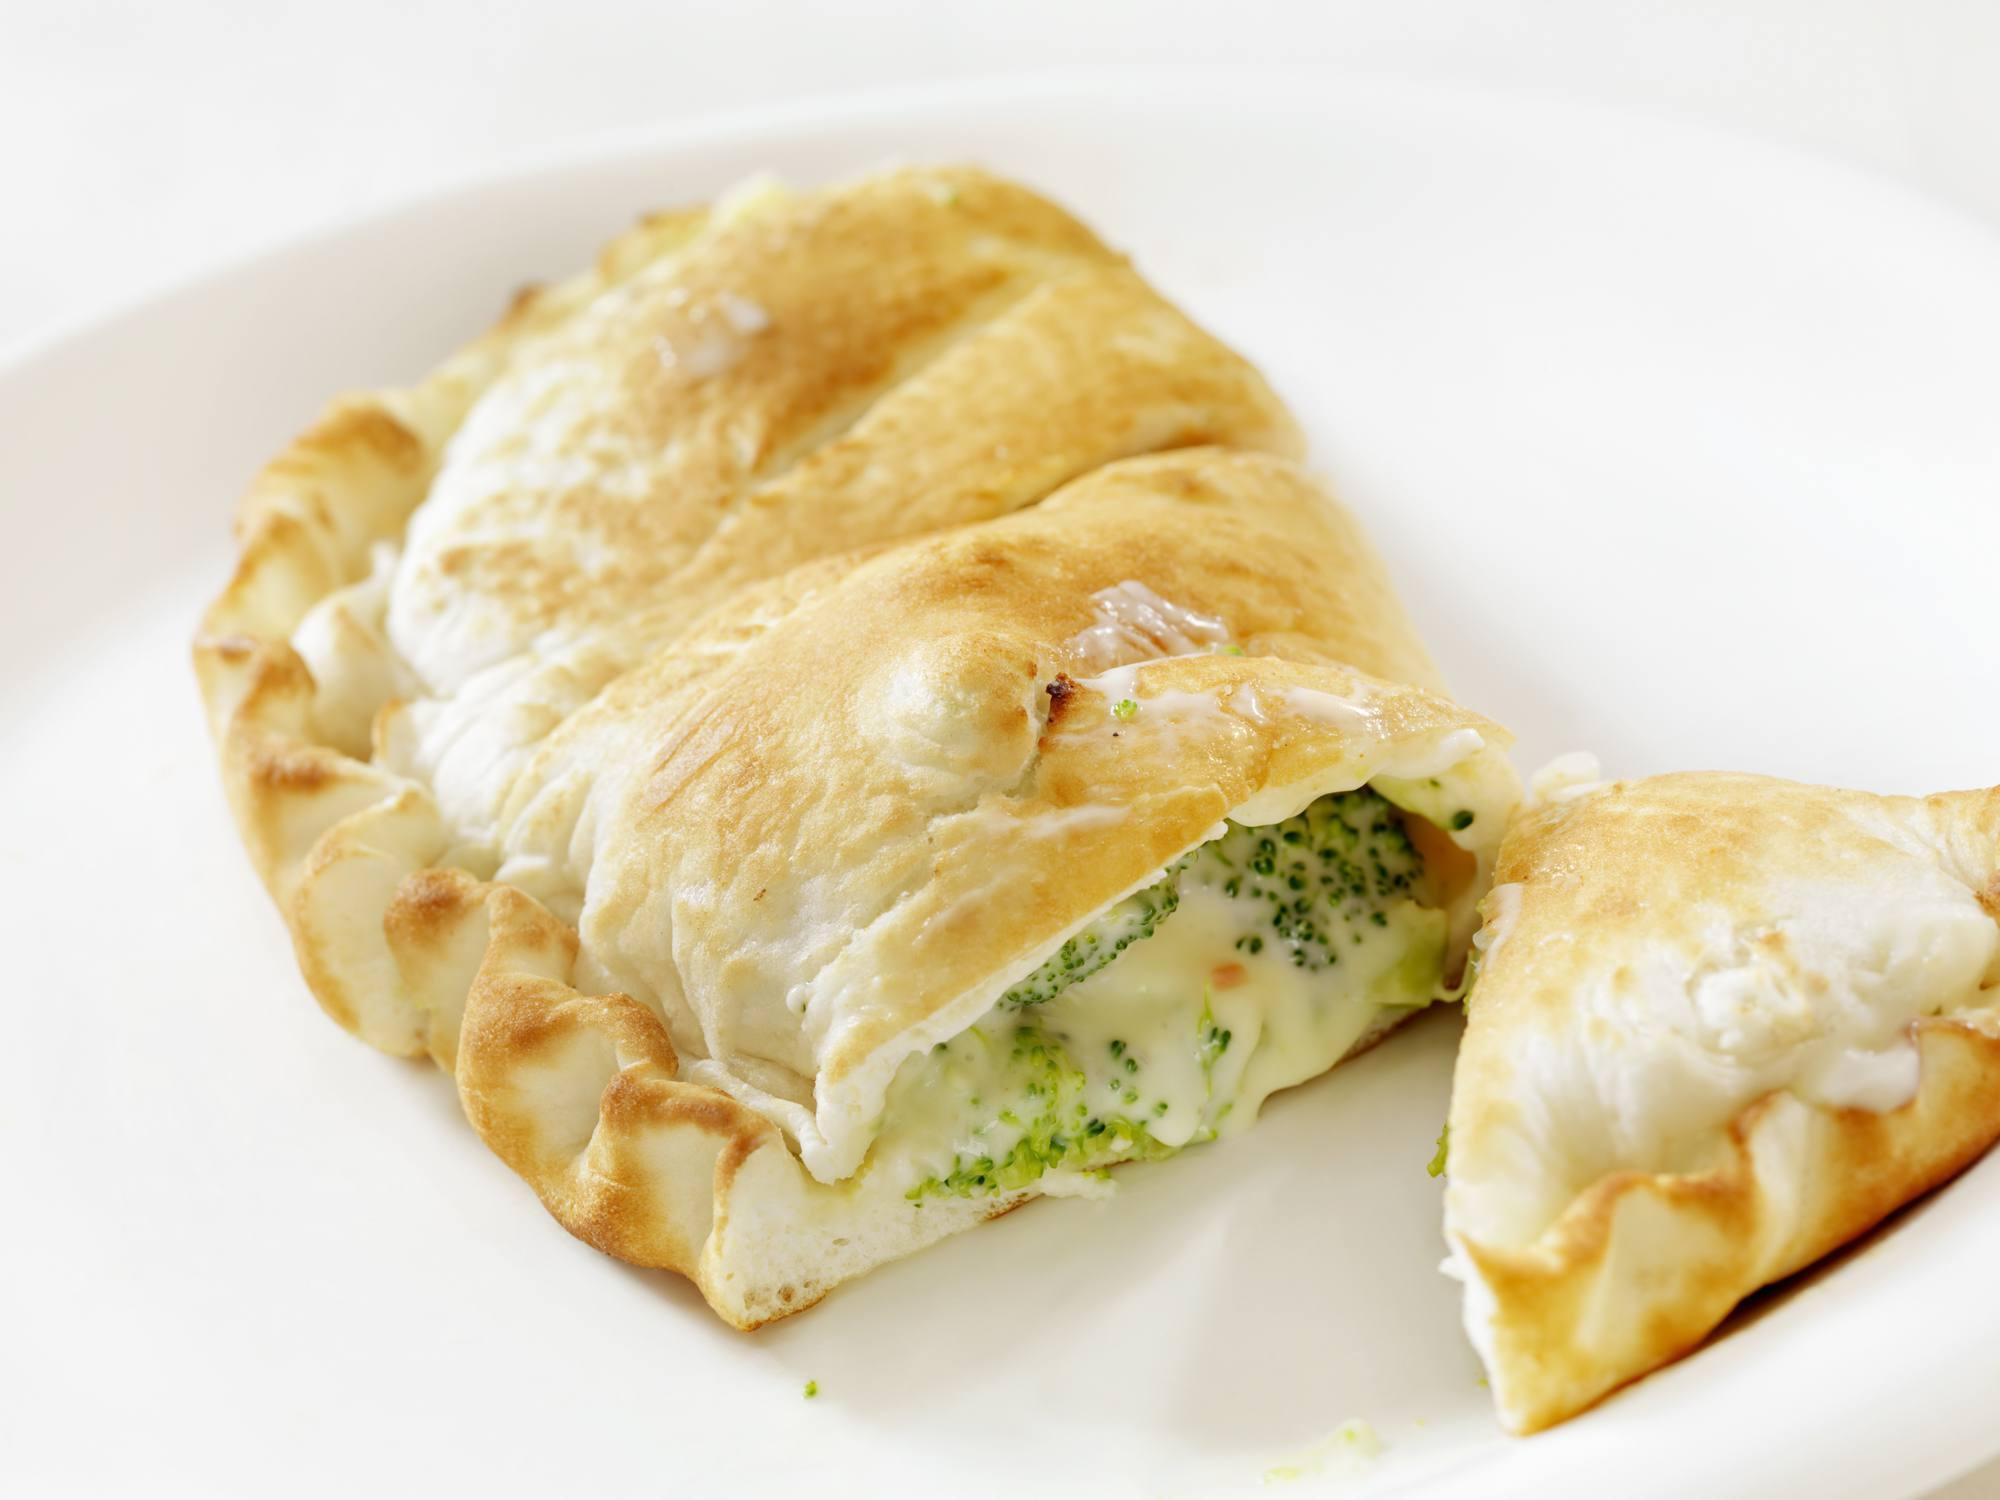 Cheese and broccoli empanada